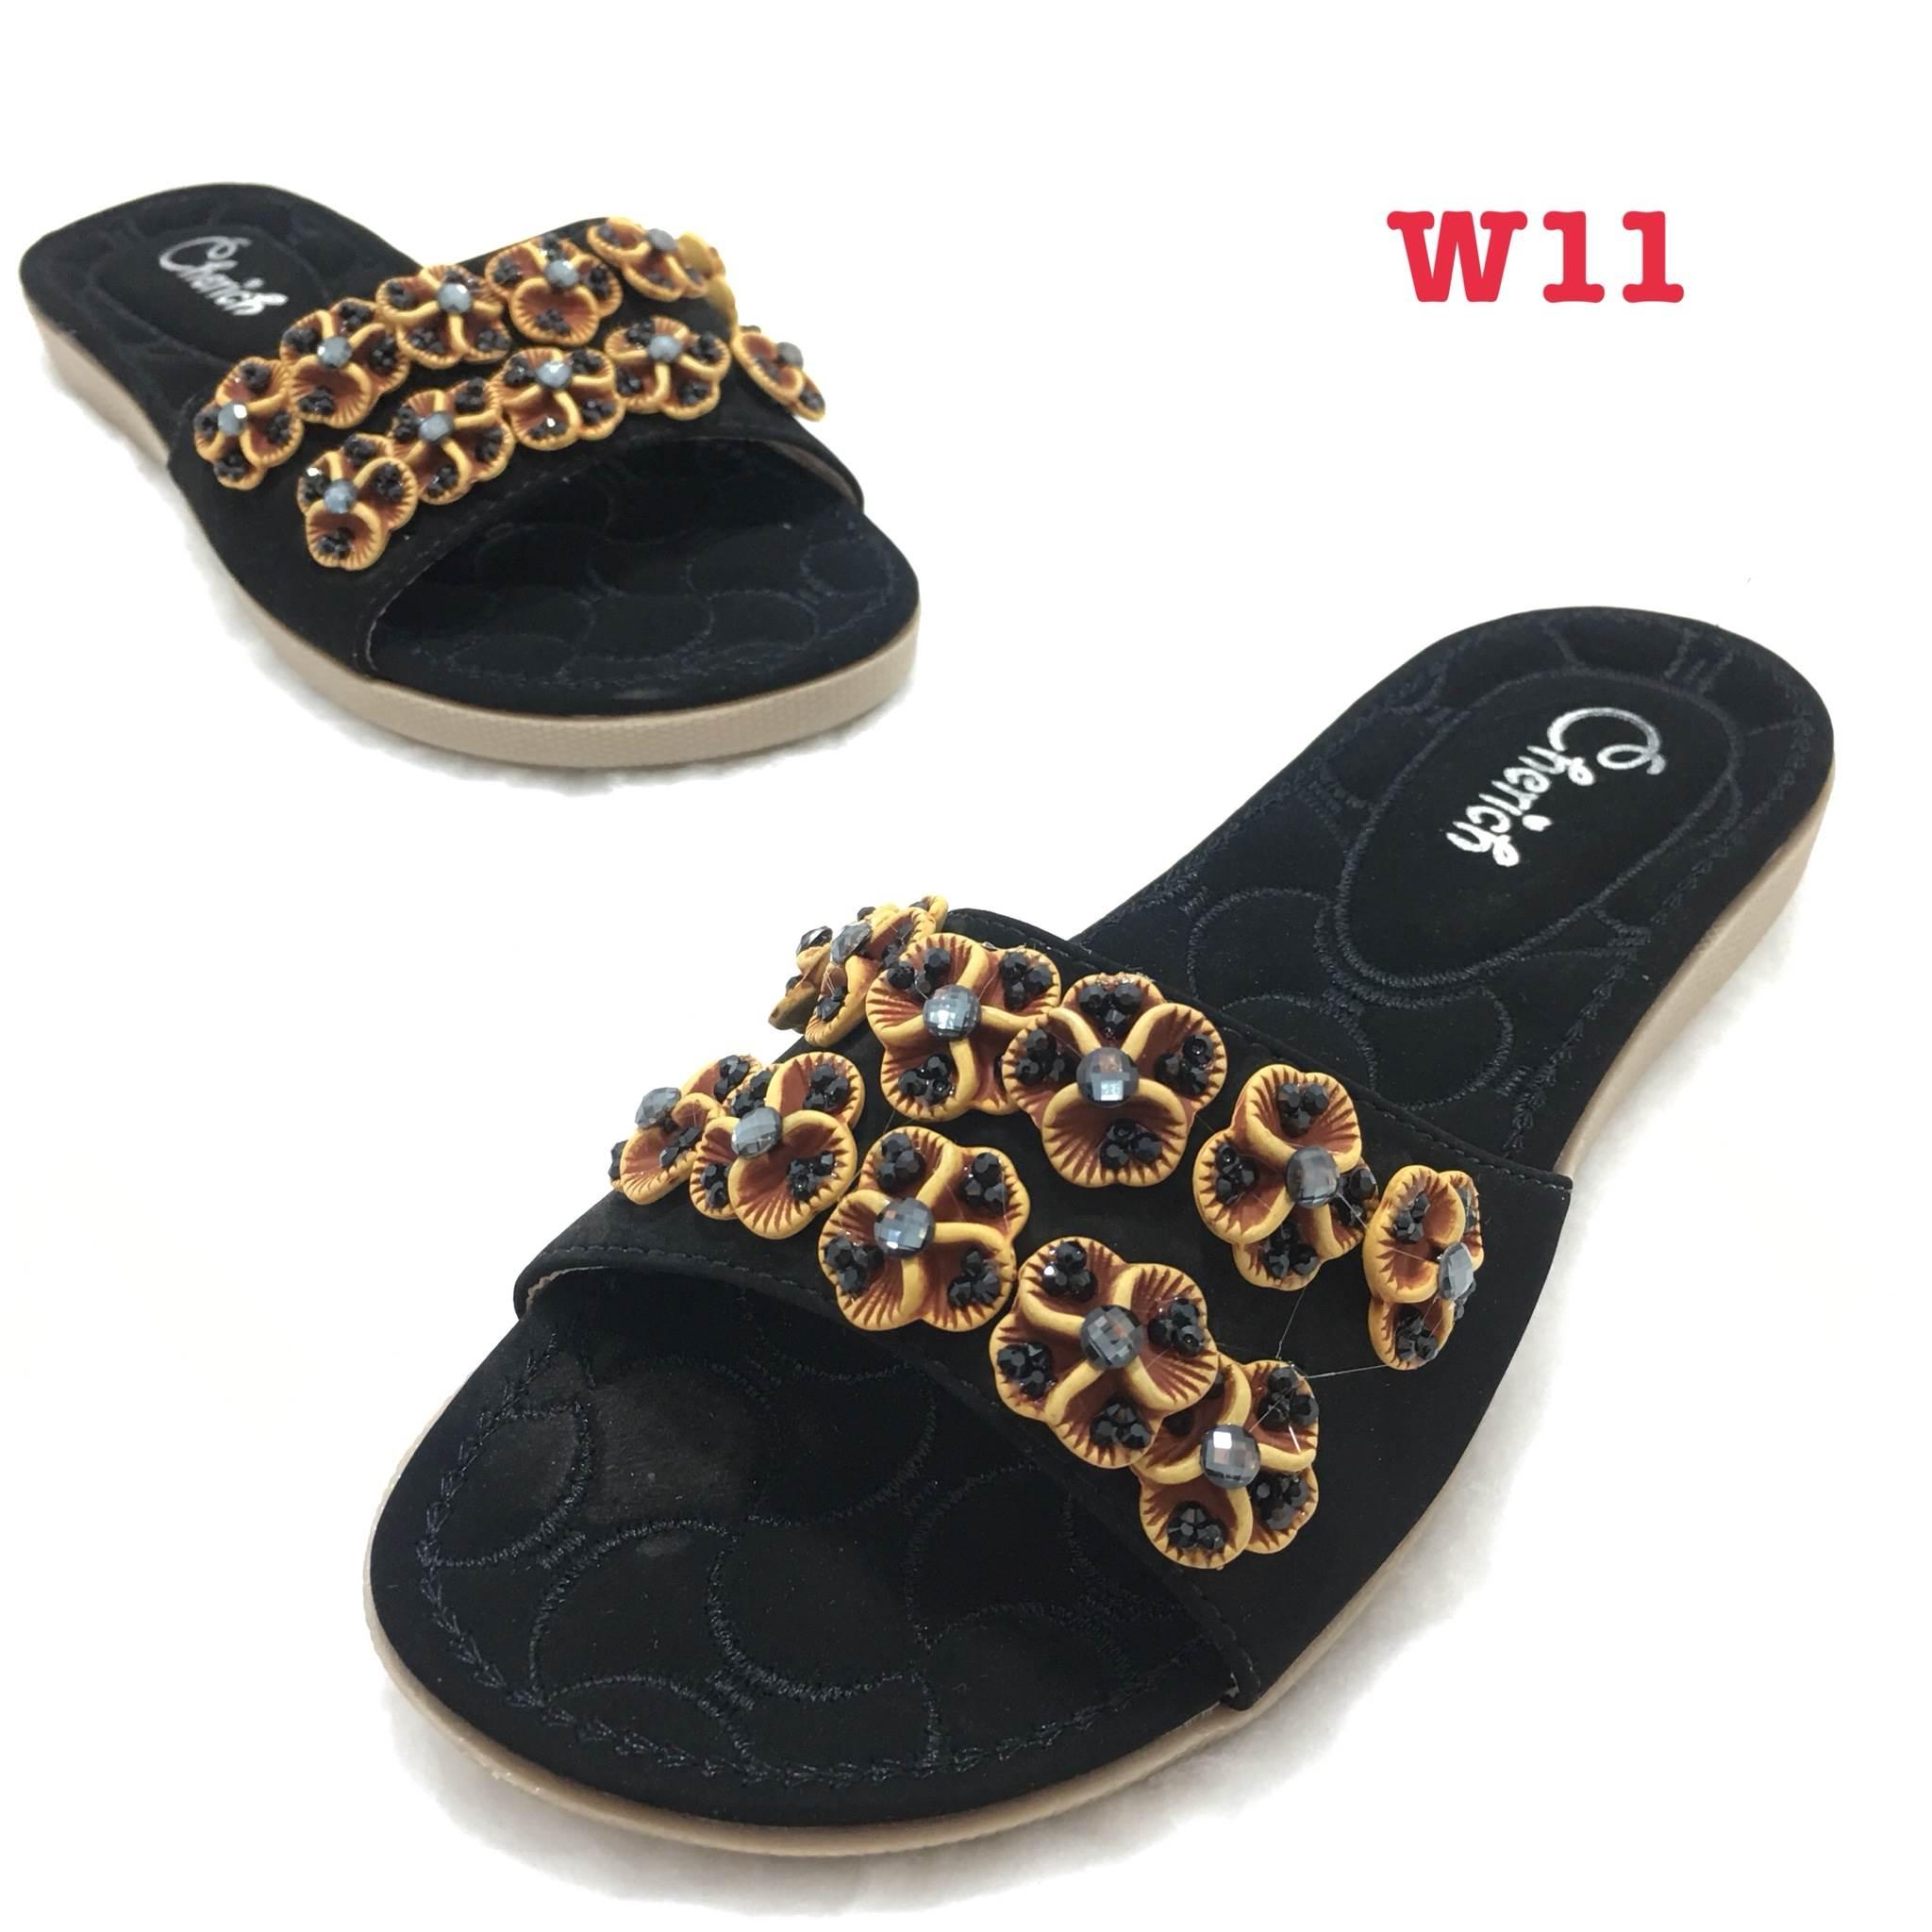 รองเท้าแตะส้นเตี้ยแบบสวมแต่งอะไหล่เพชรด้านหน้า แบรนด์ cavawia